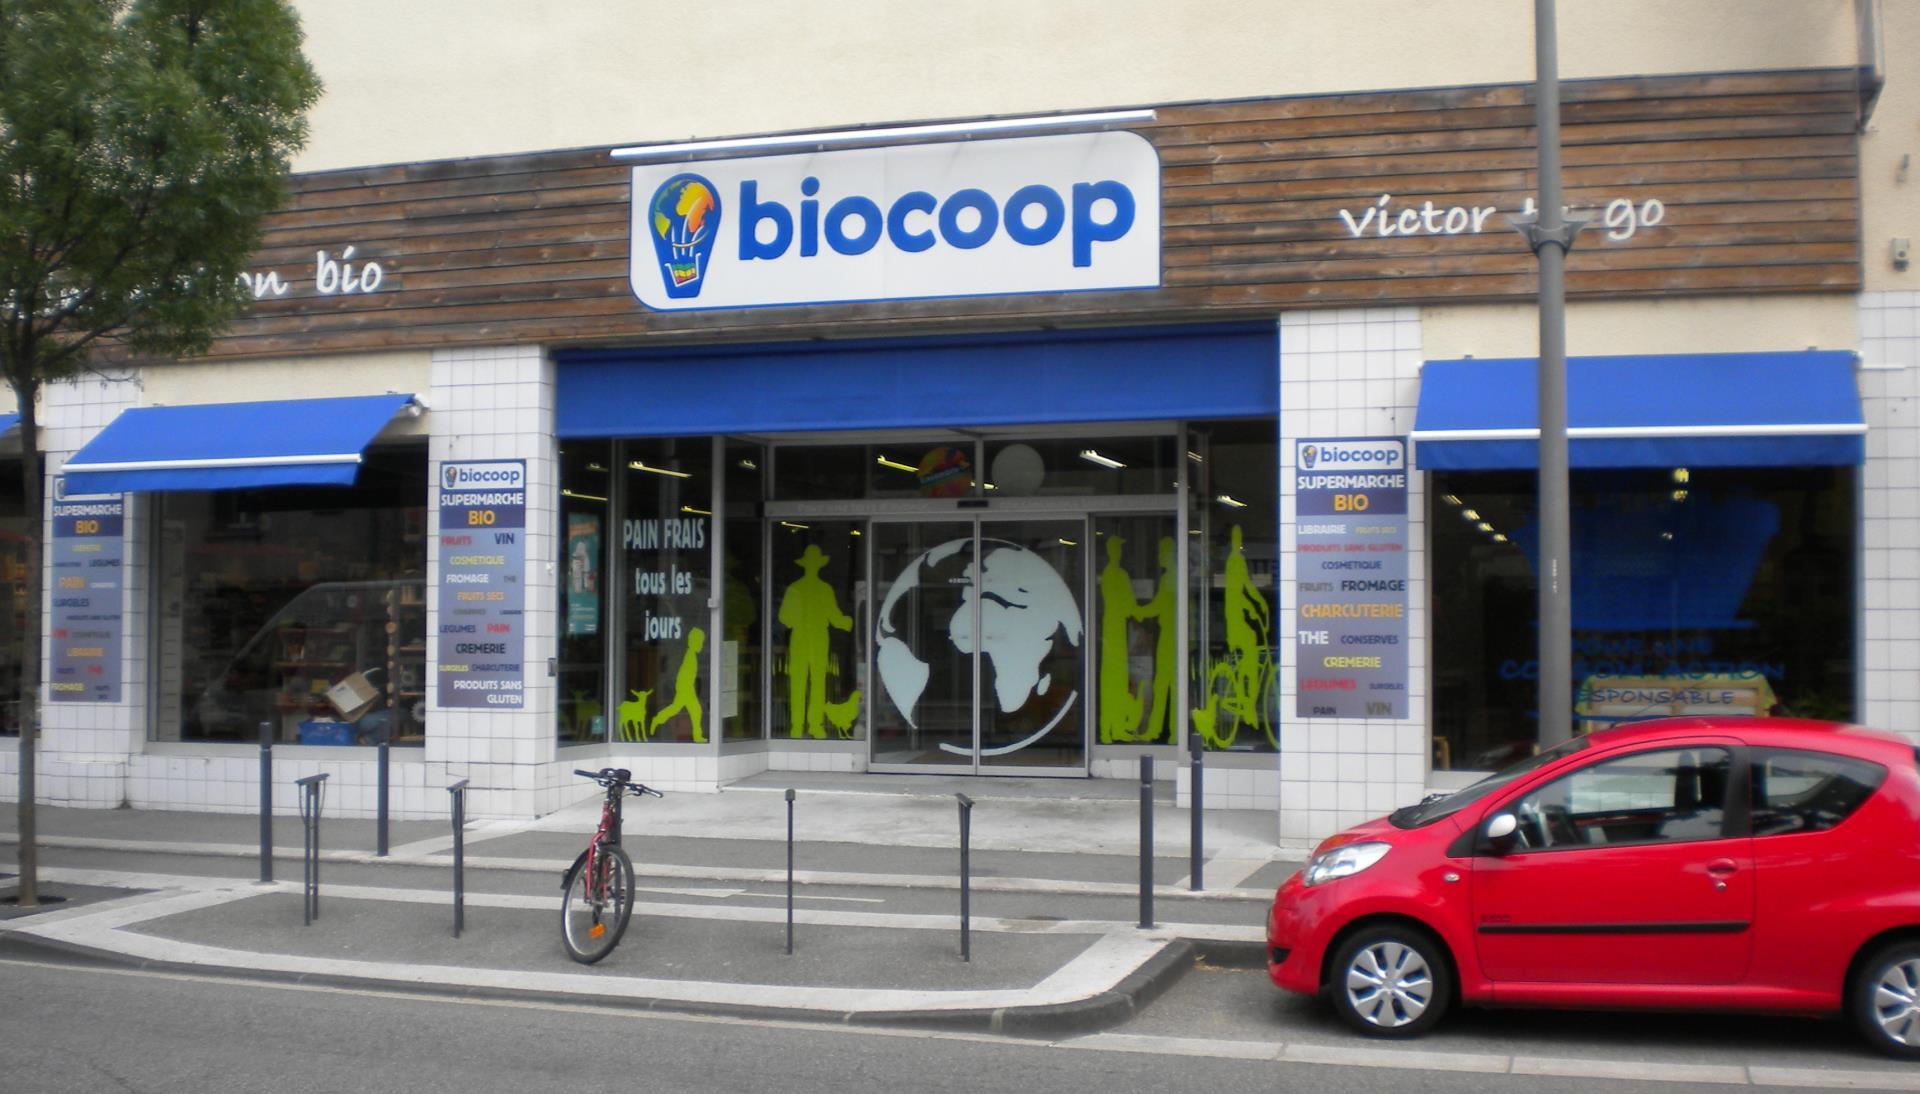 biocoop victor hugo magasin bio valence. Black Bedroom Furniture Sets. Home Design Ideas